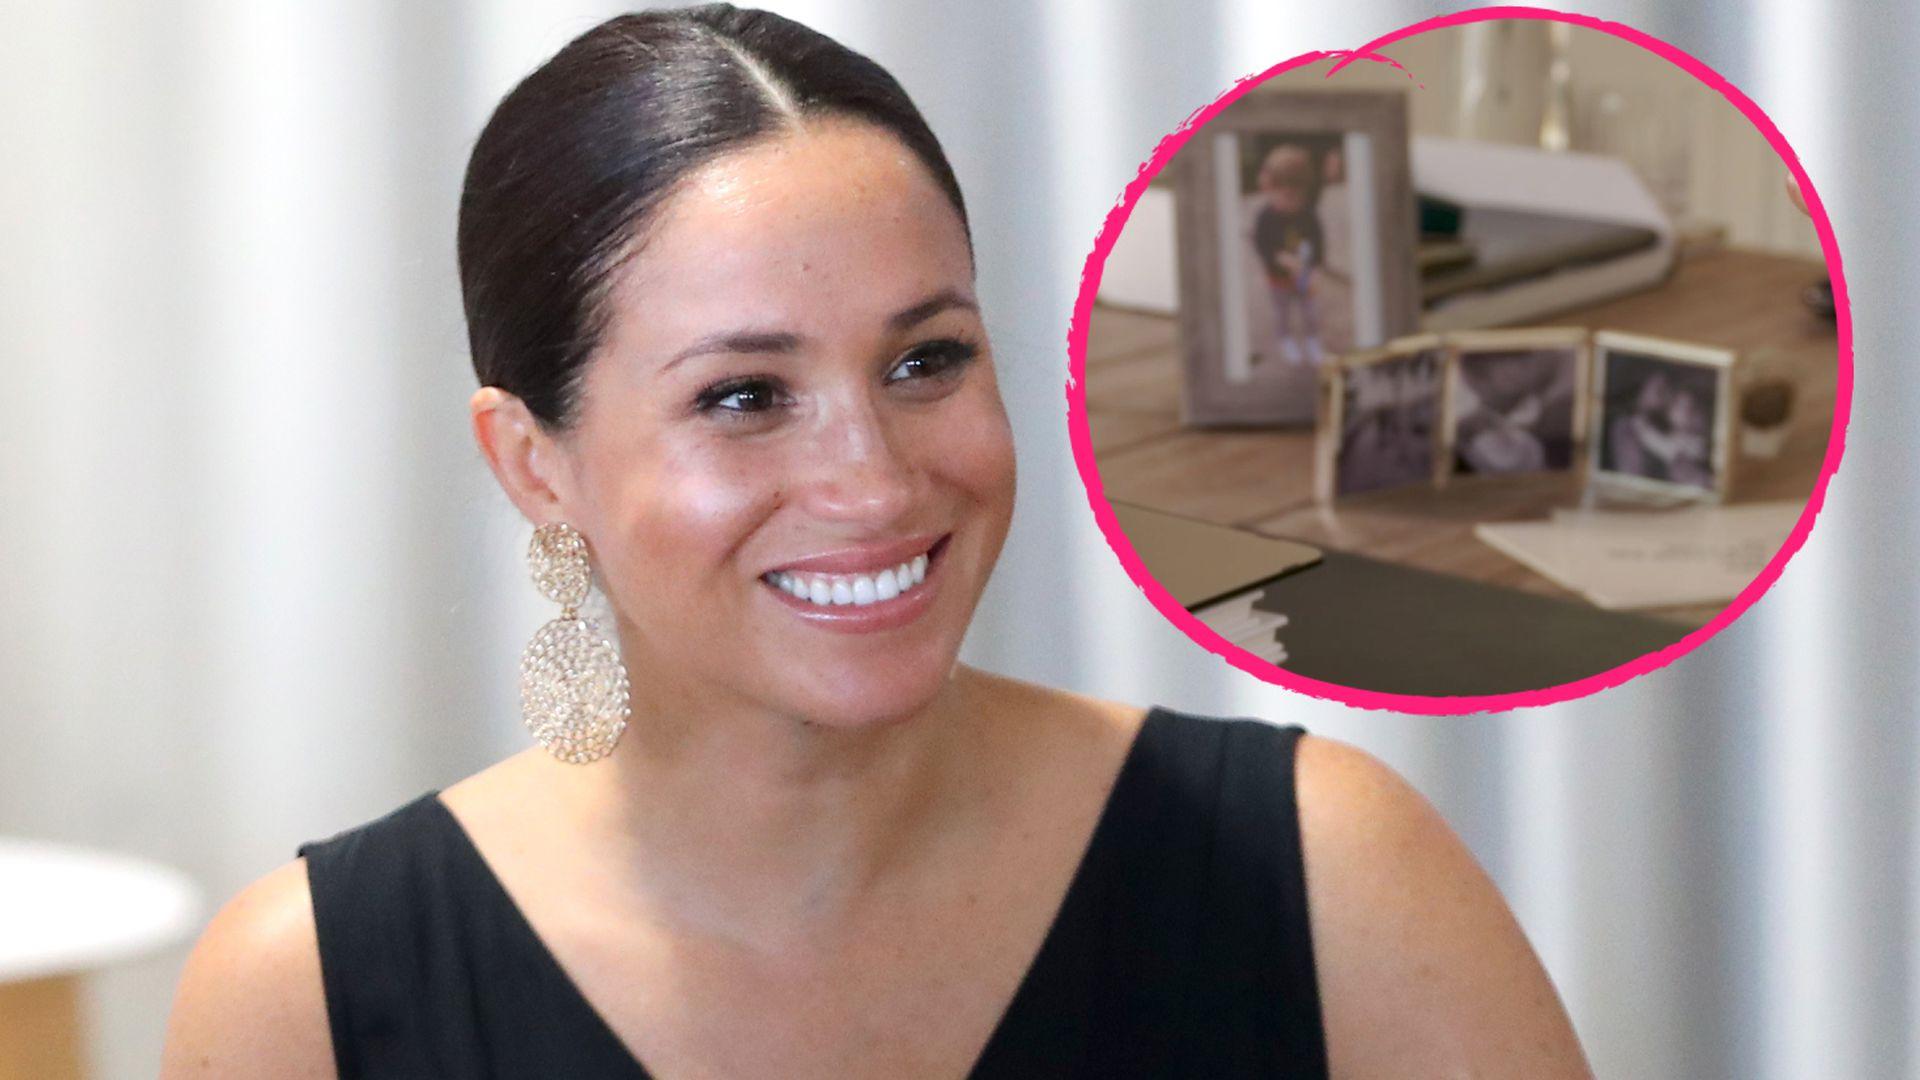 Familienfotos auf dem Tisch: Zeigt Meghan hier ihre Lilibet?